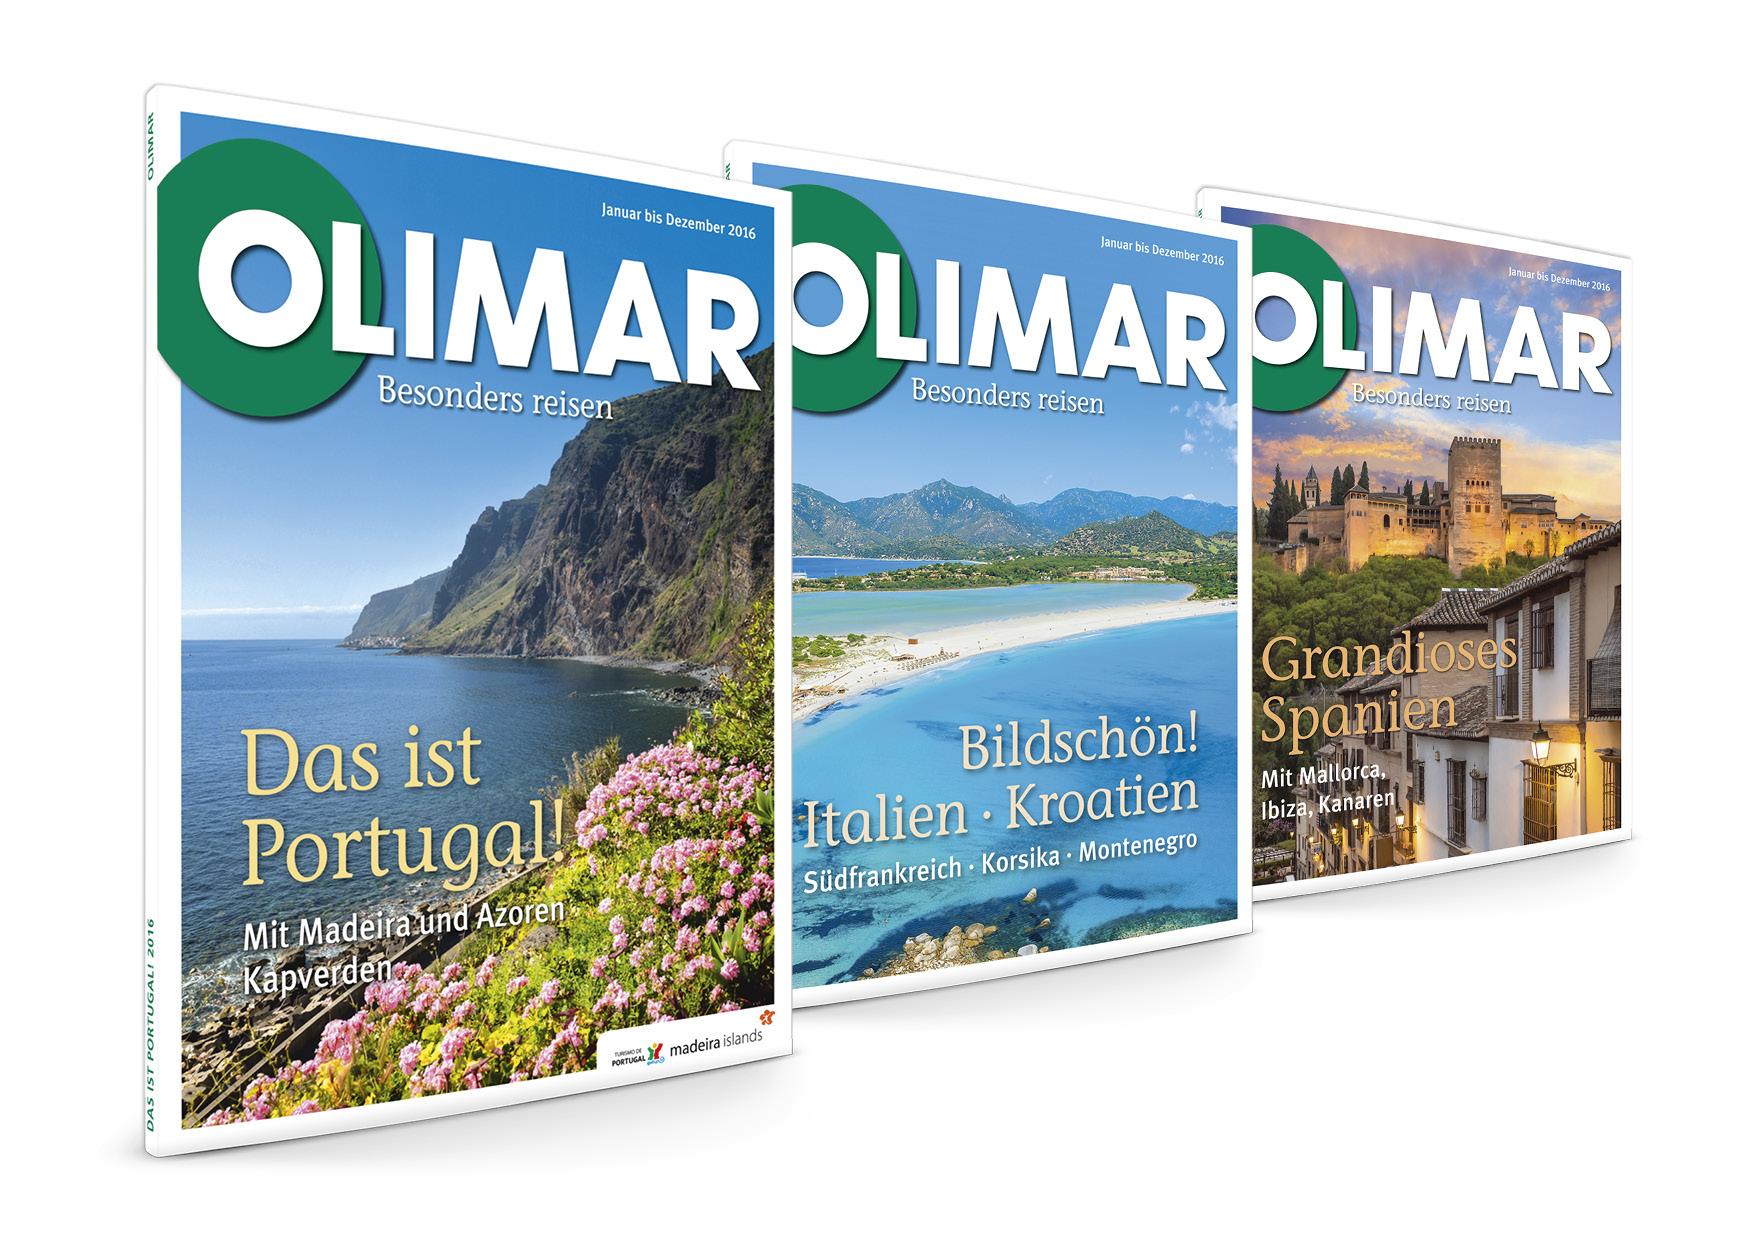 Die neuen OLIMAR Kataloge 2016